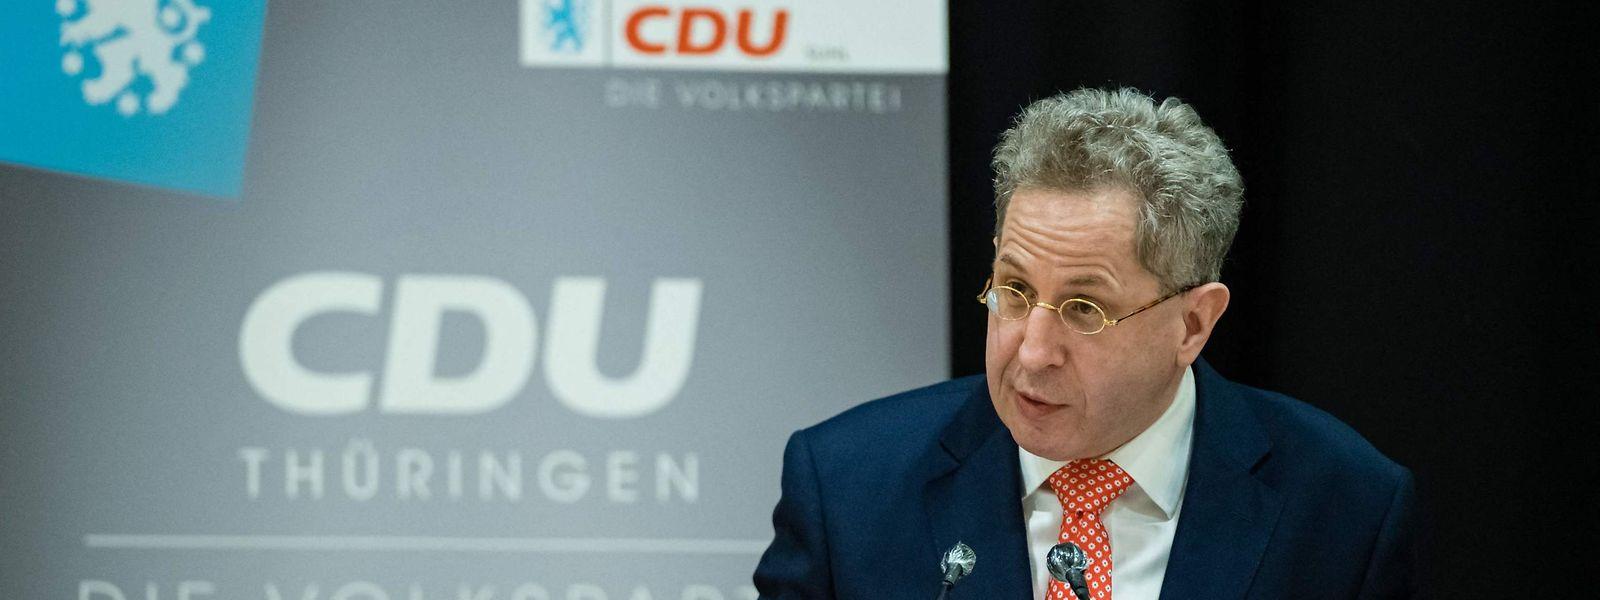 Umstrittene Kandidatur: Hans-Georg Maaßen tritt für die CDU Südthüringen bei der Bundestagswahl an.